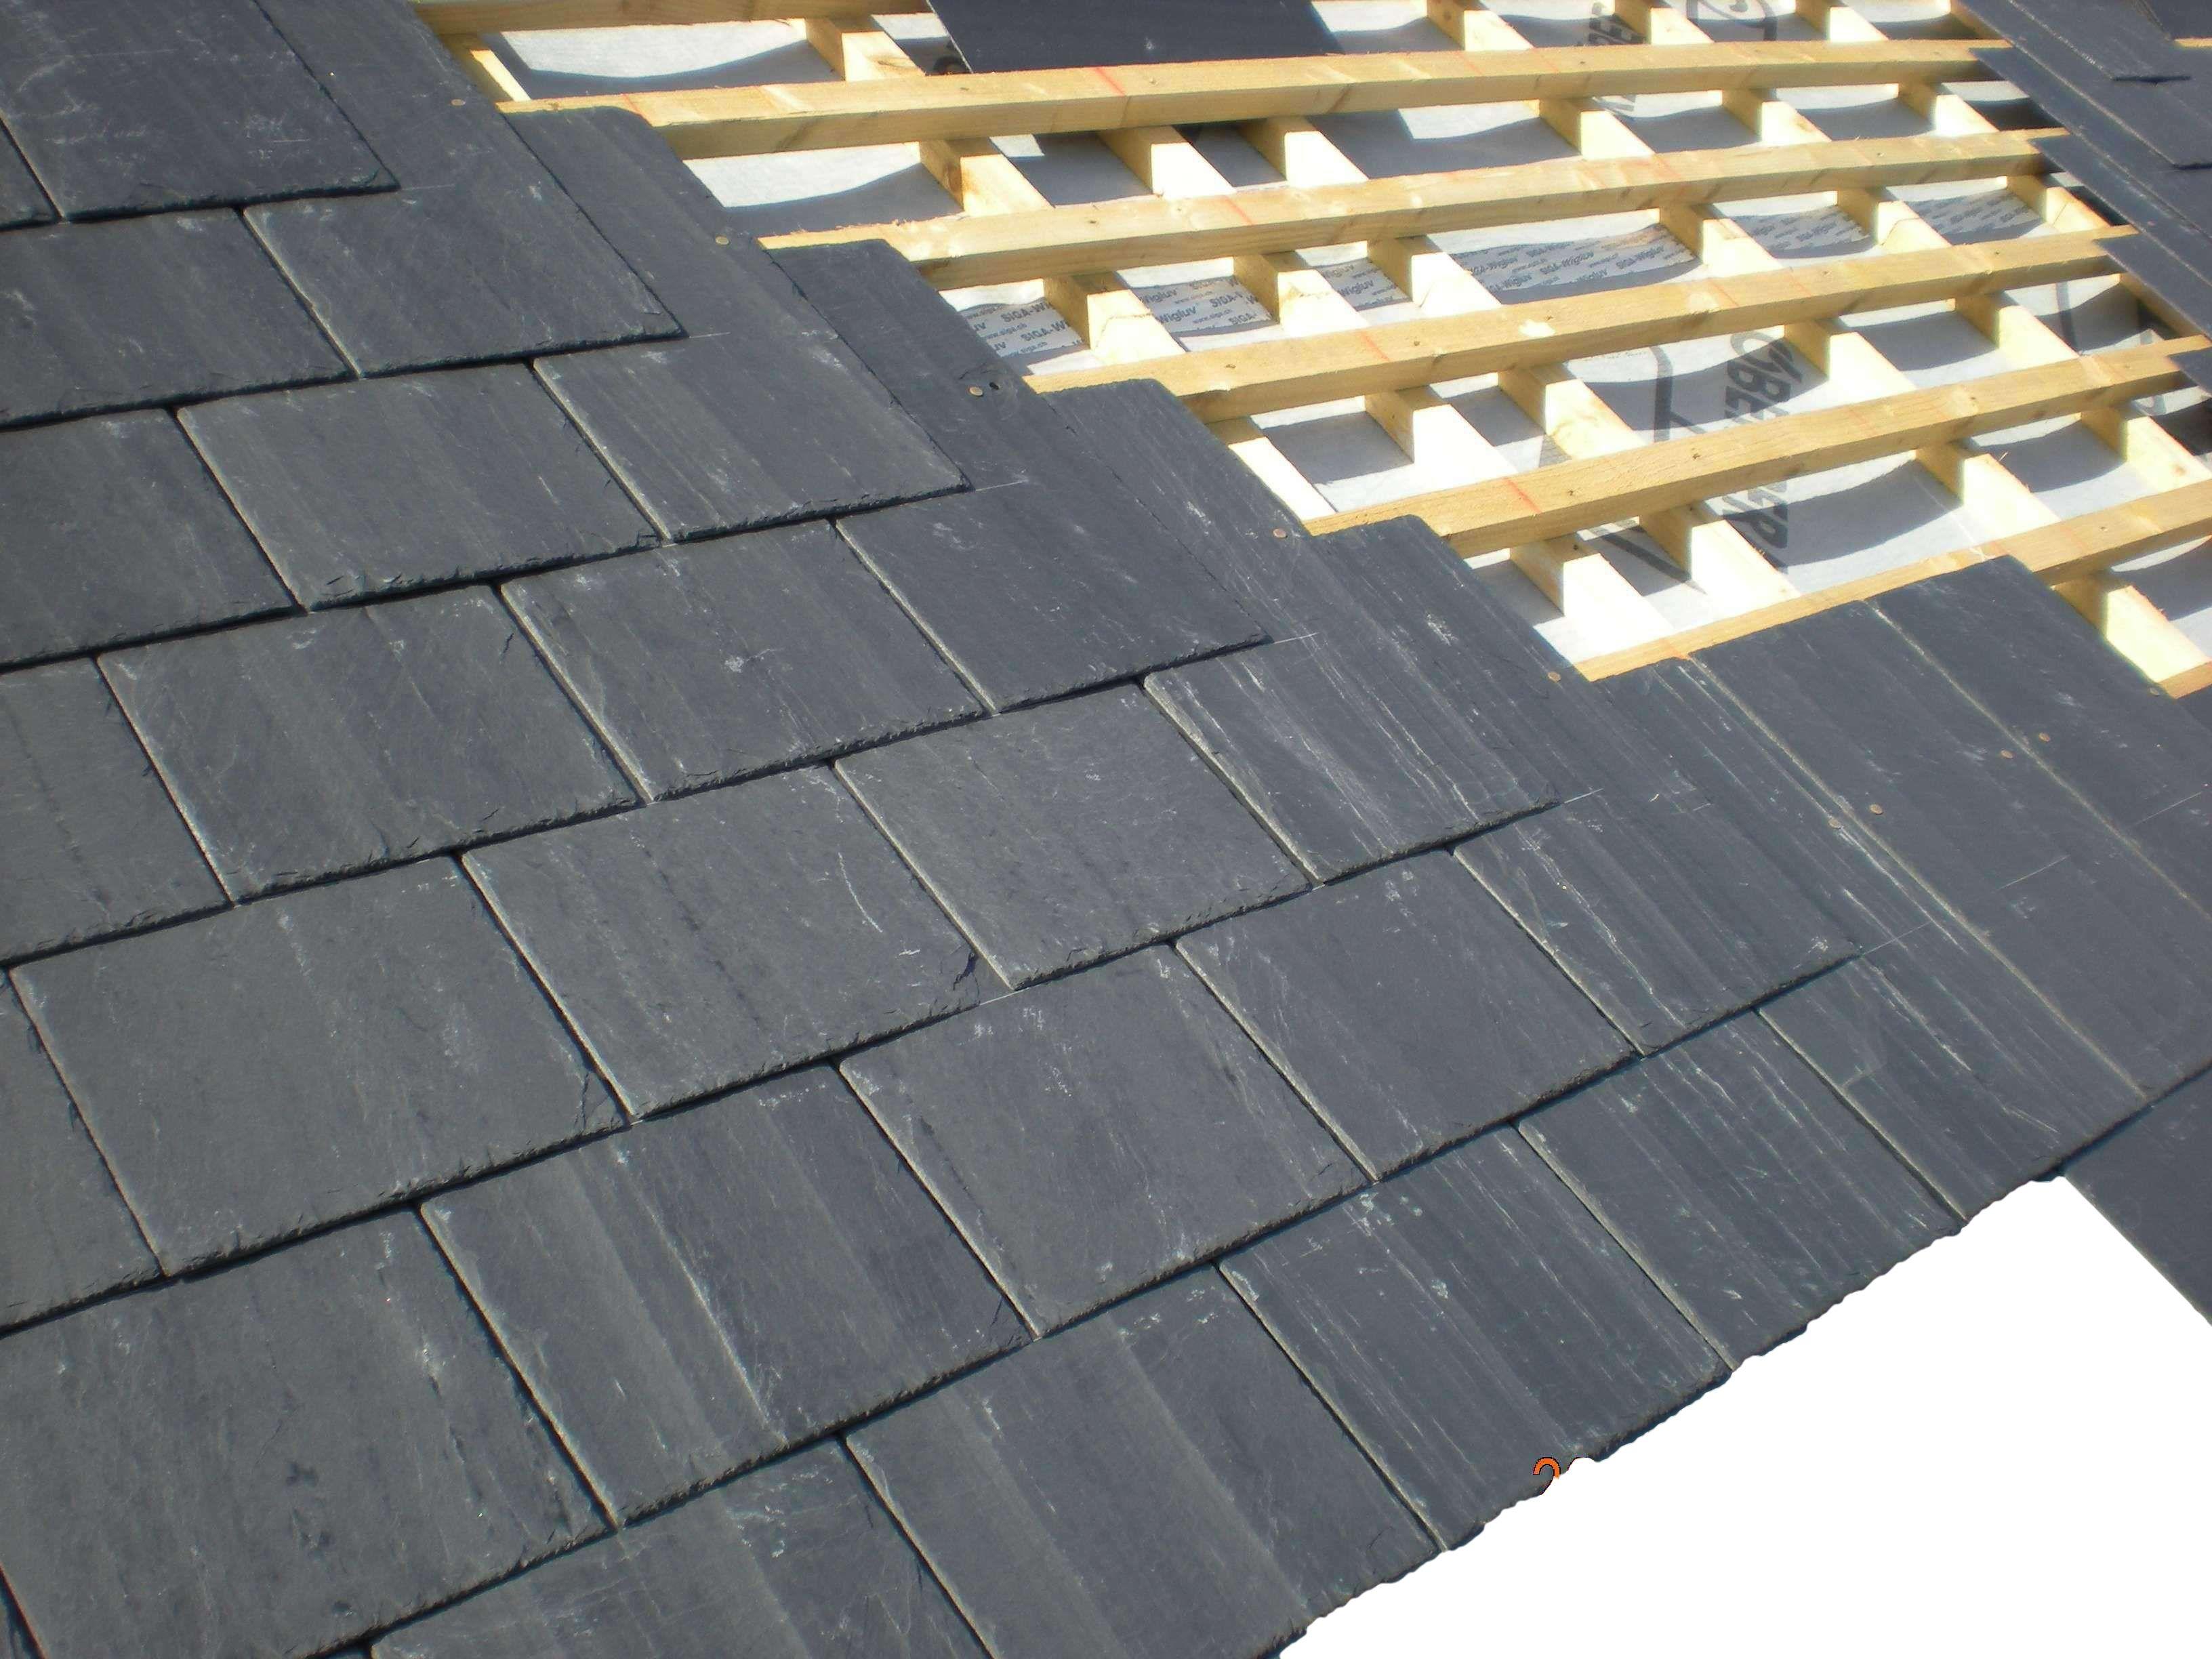 Roofing Contractors In New York City Manhattan Bronx New Roofs Roof Repairs Roof Repair Roofing Contractors Flat Roof Repair